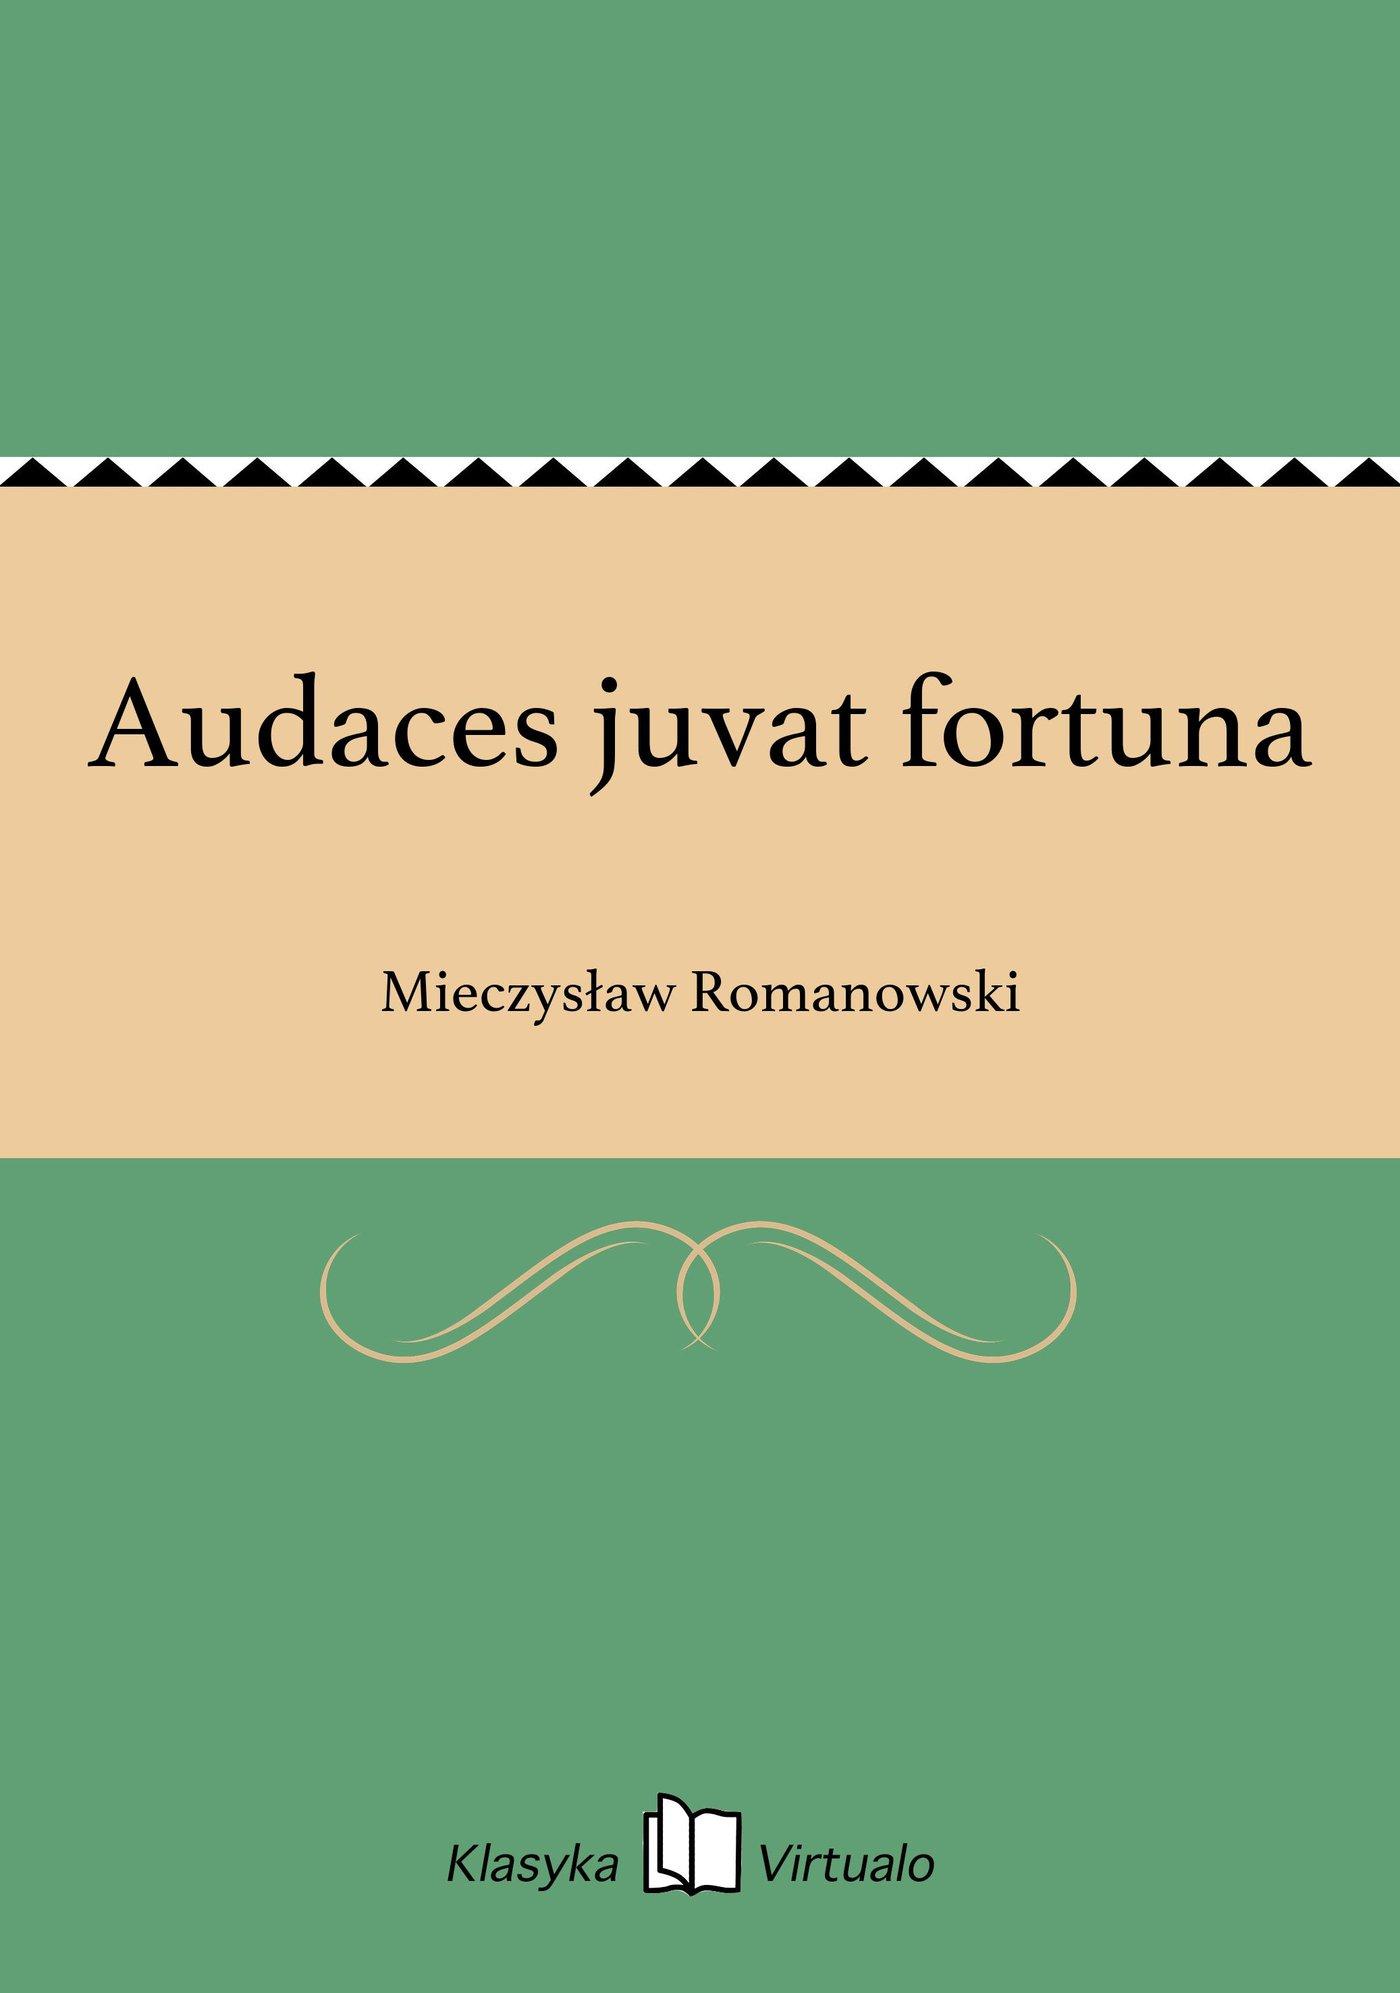 Audaces juvat fortuna - Ebook (Książka EPUB) do pobrania w formacie EPUB